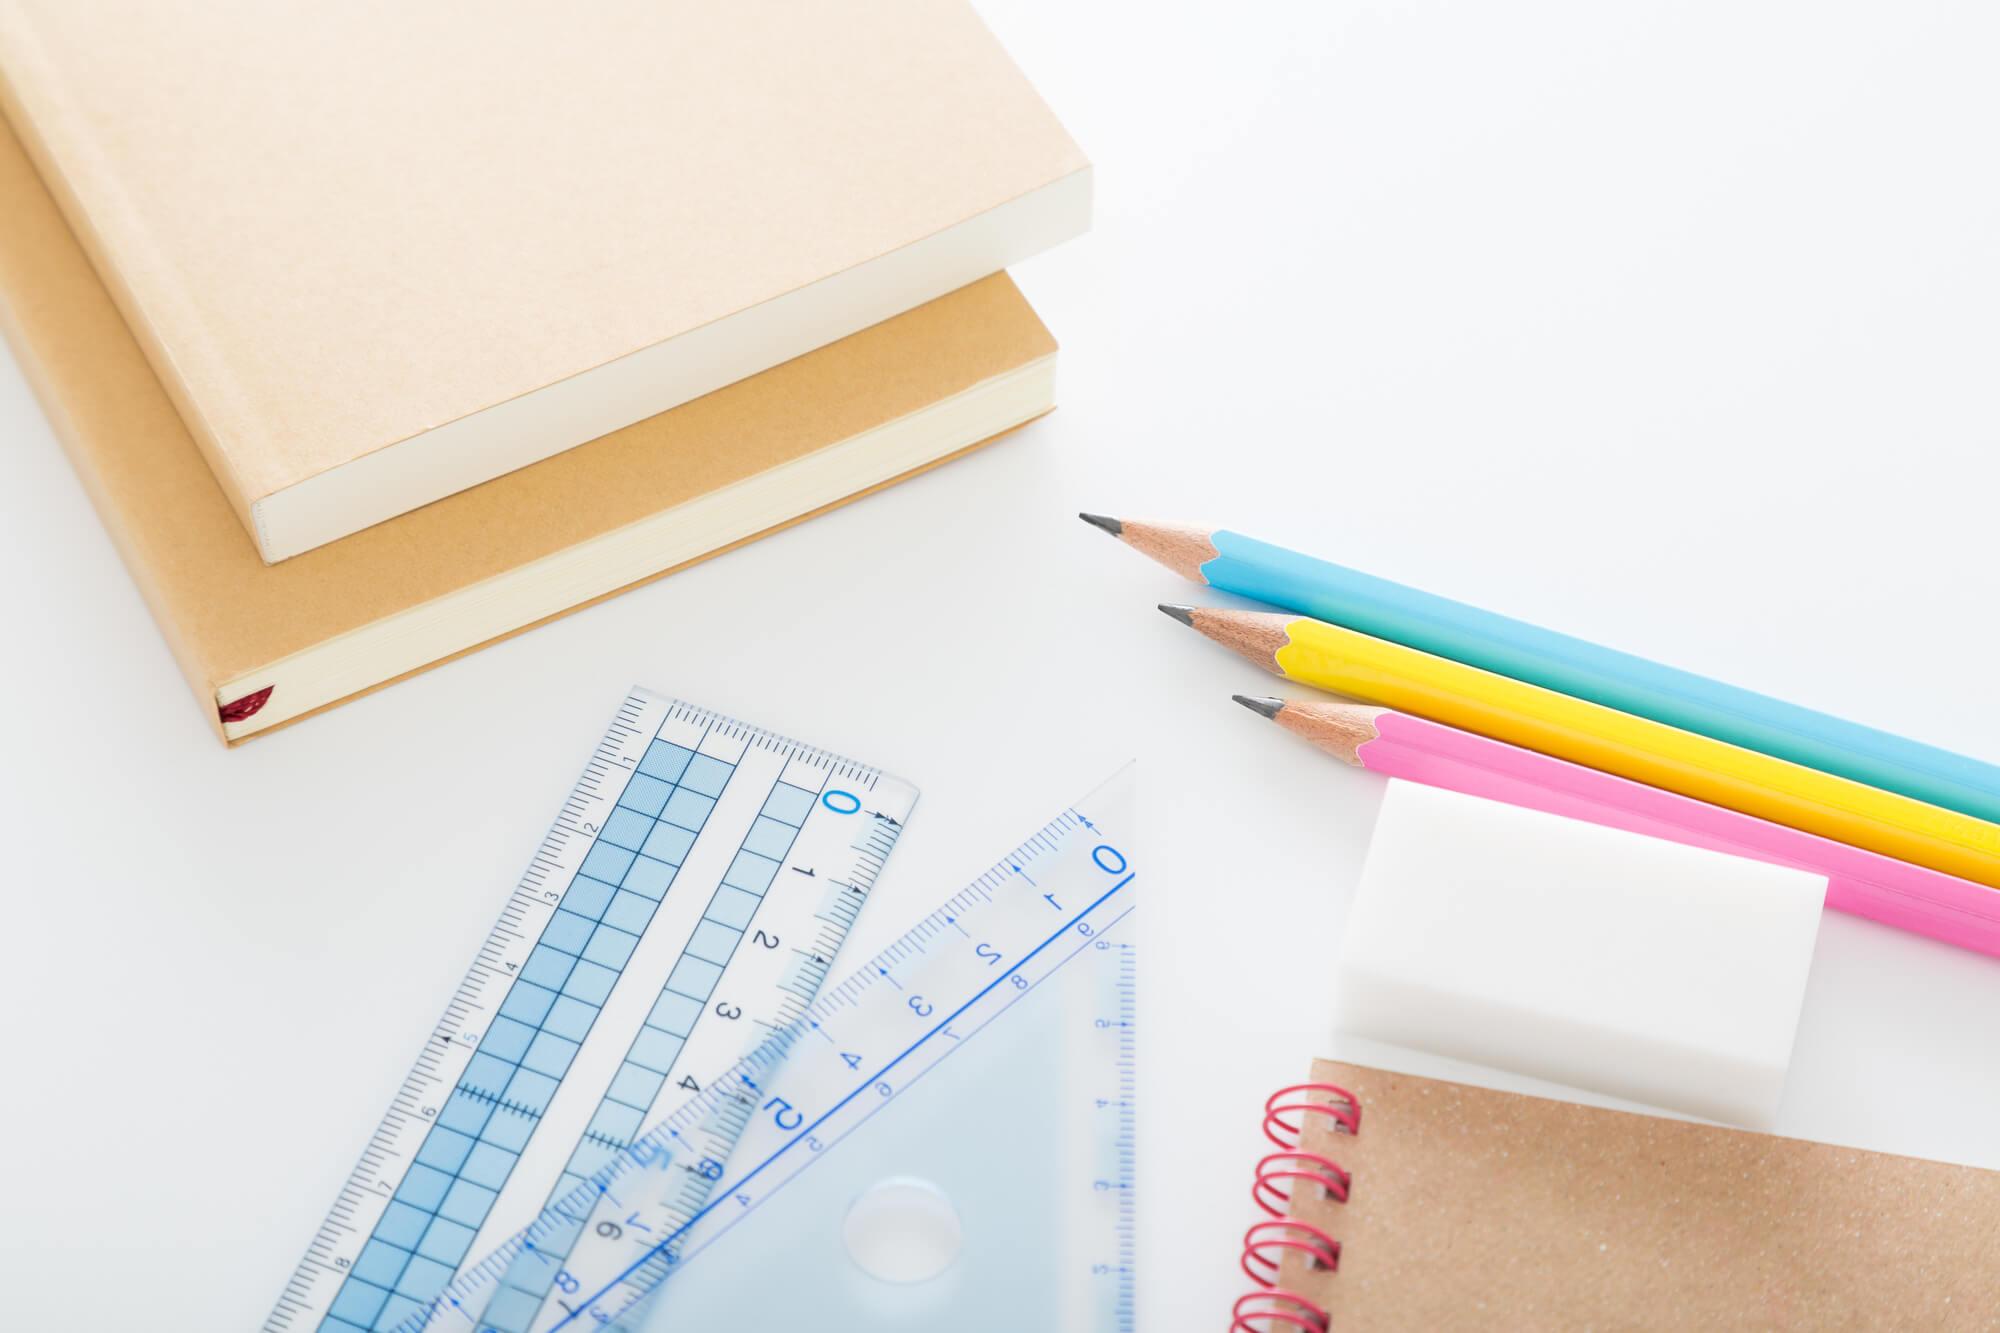 【宅建を独学で合格しよう】必要な勉強時間と効率的な勉強を解説